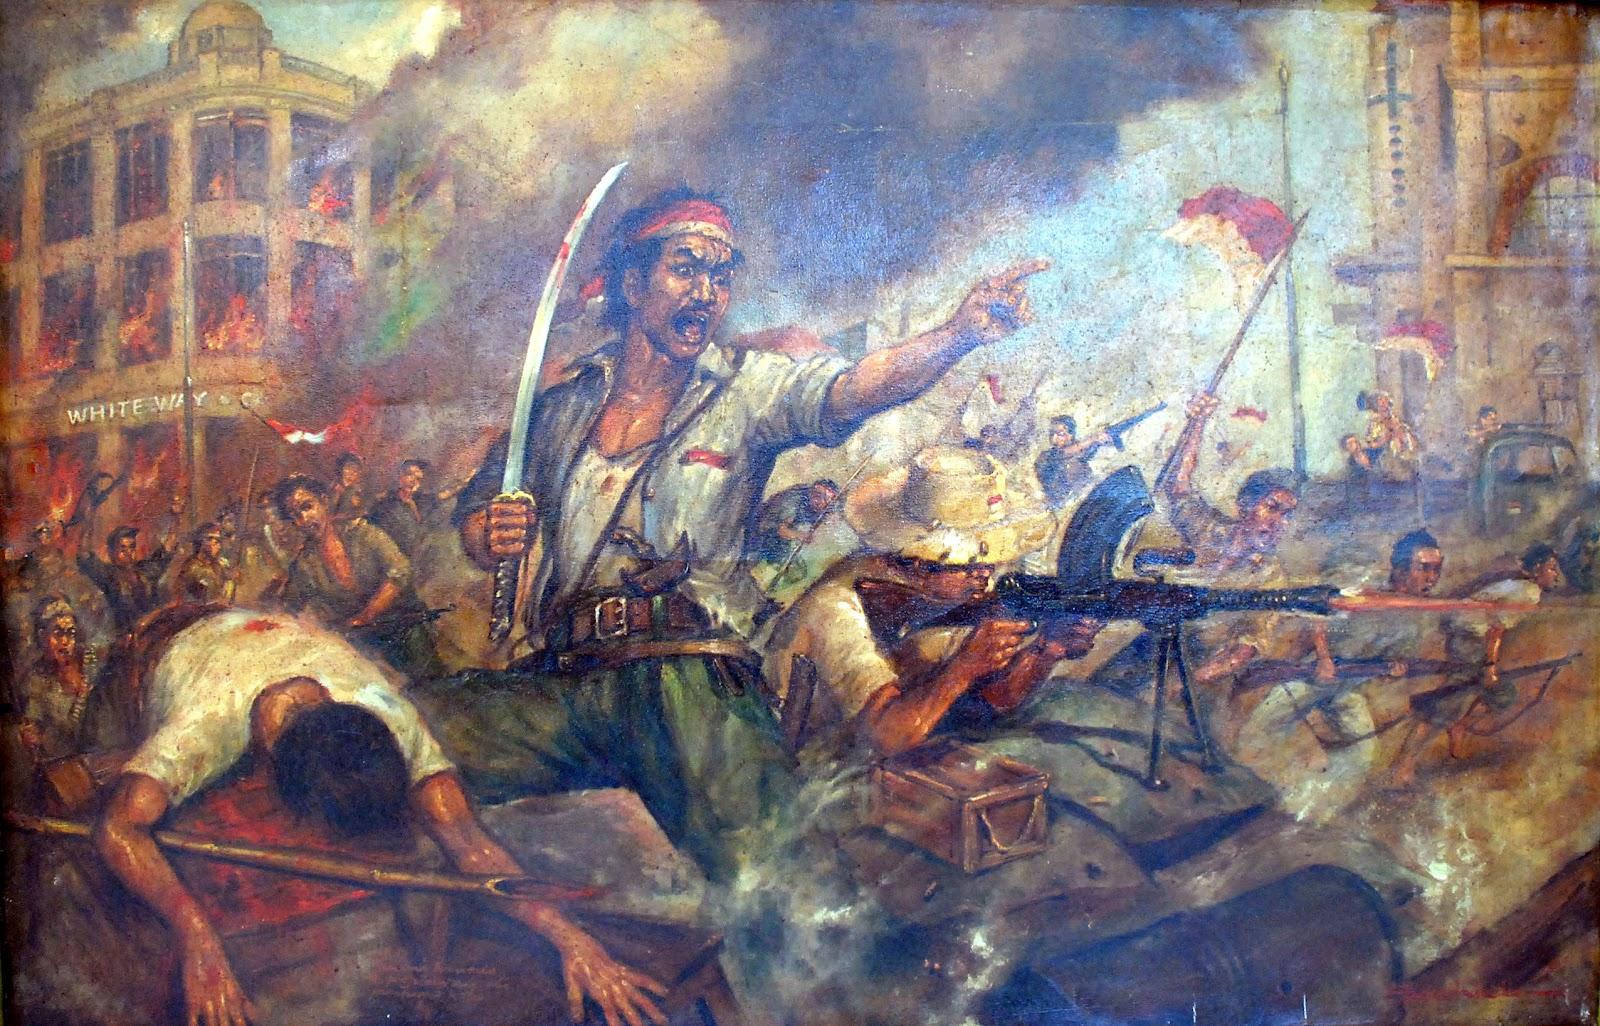 Sumpah pemuda menumbuhkan kebanggaan sebagai bangsa Indonesia